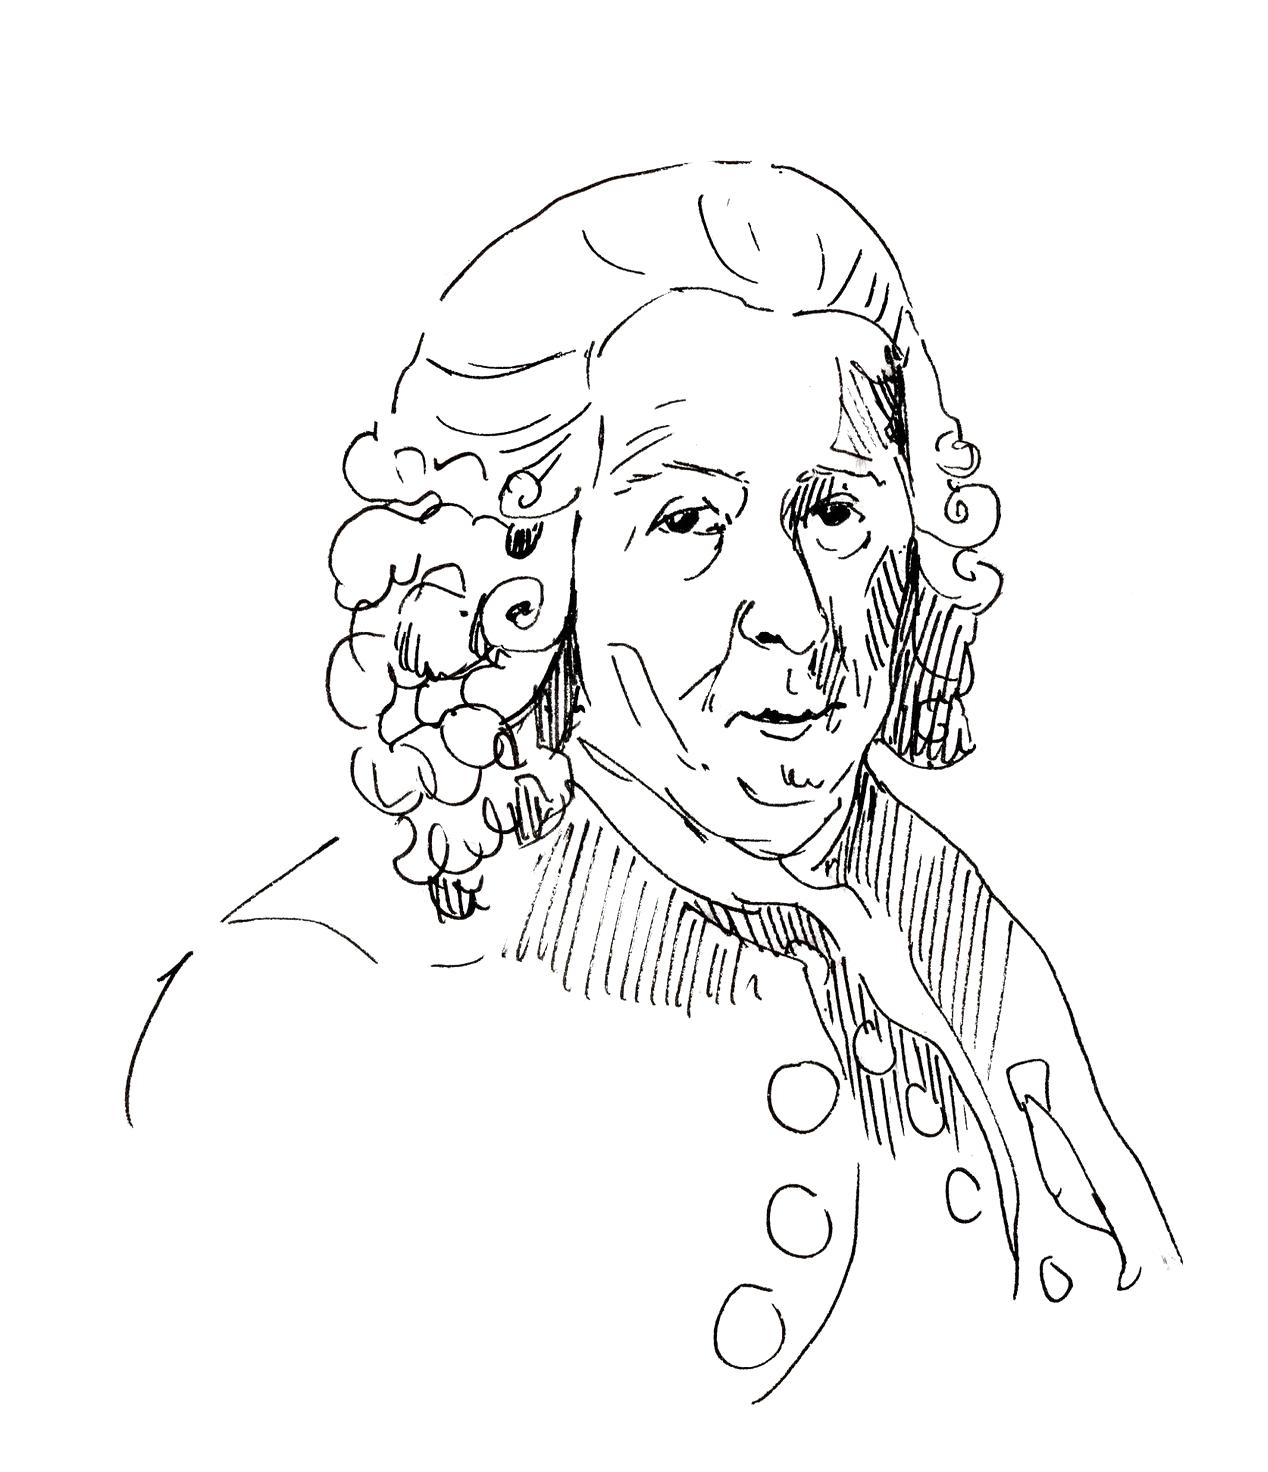 CARL VON LINNÉ. A.K.A.LINNAEUS (1707-1778)